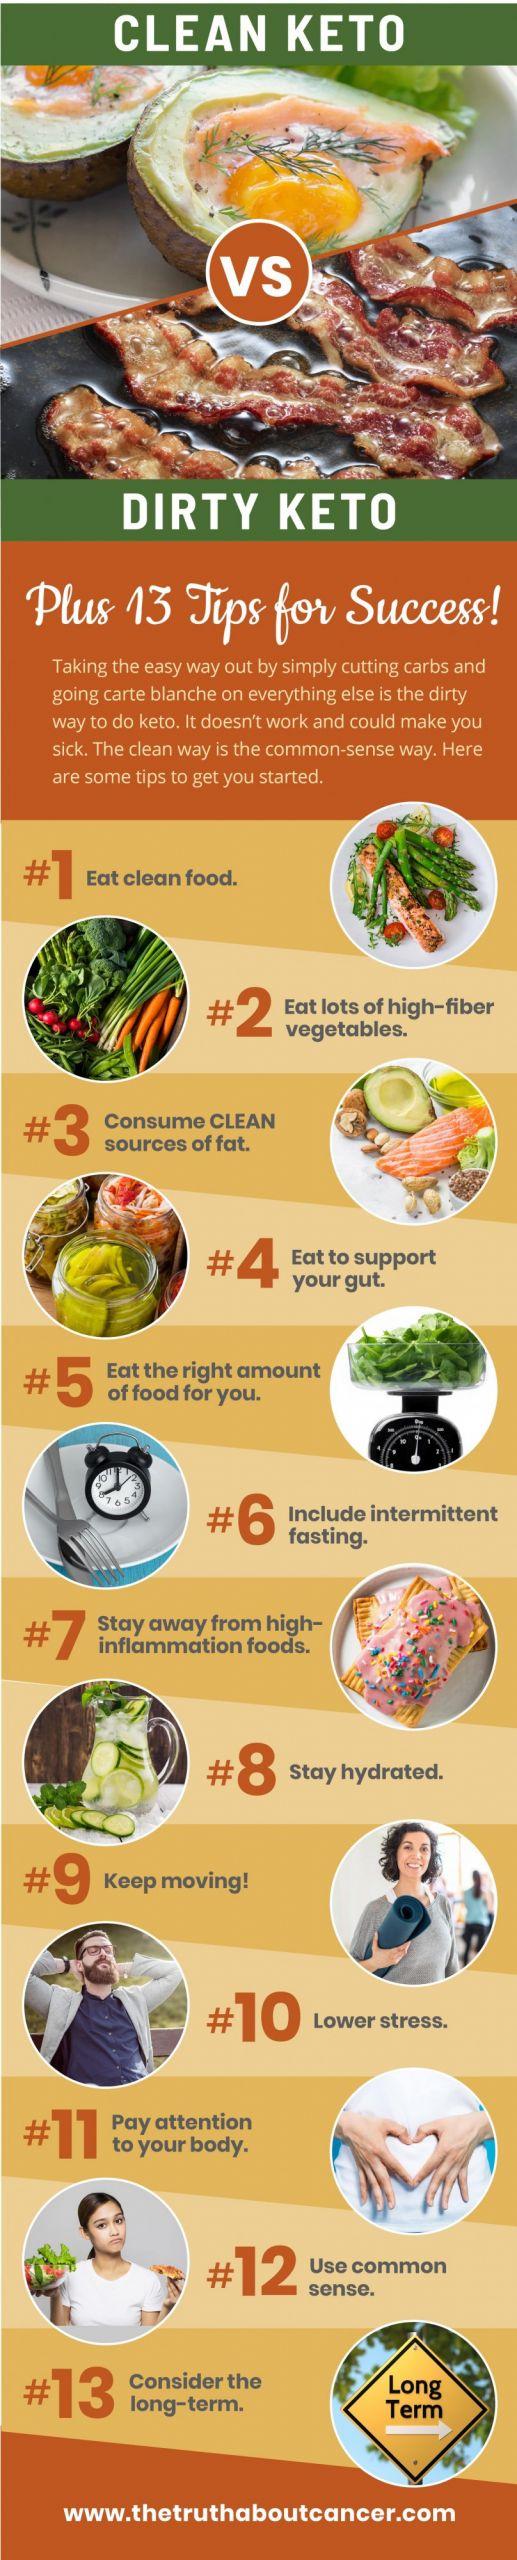 Clean Keto Foods  Clean Keto Diet vs Dirty Keto Diet PLUS 13 Tips for